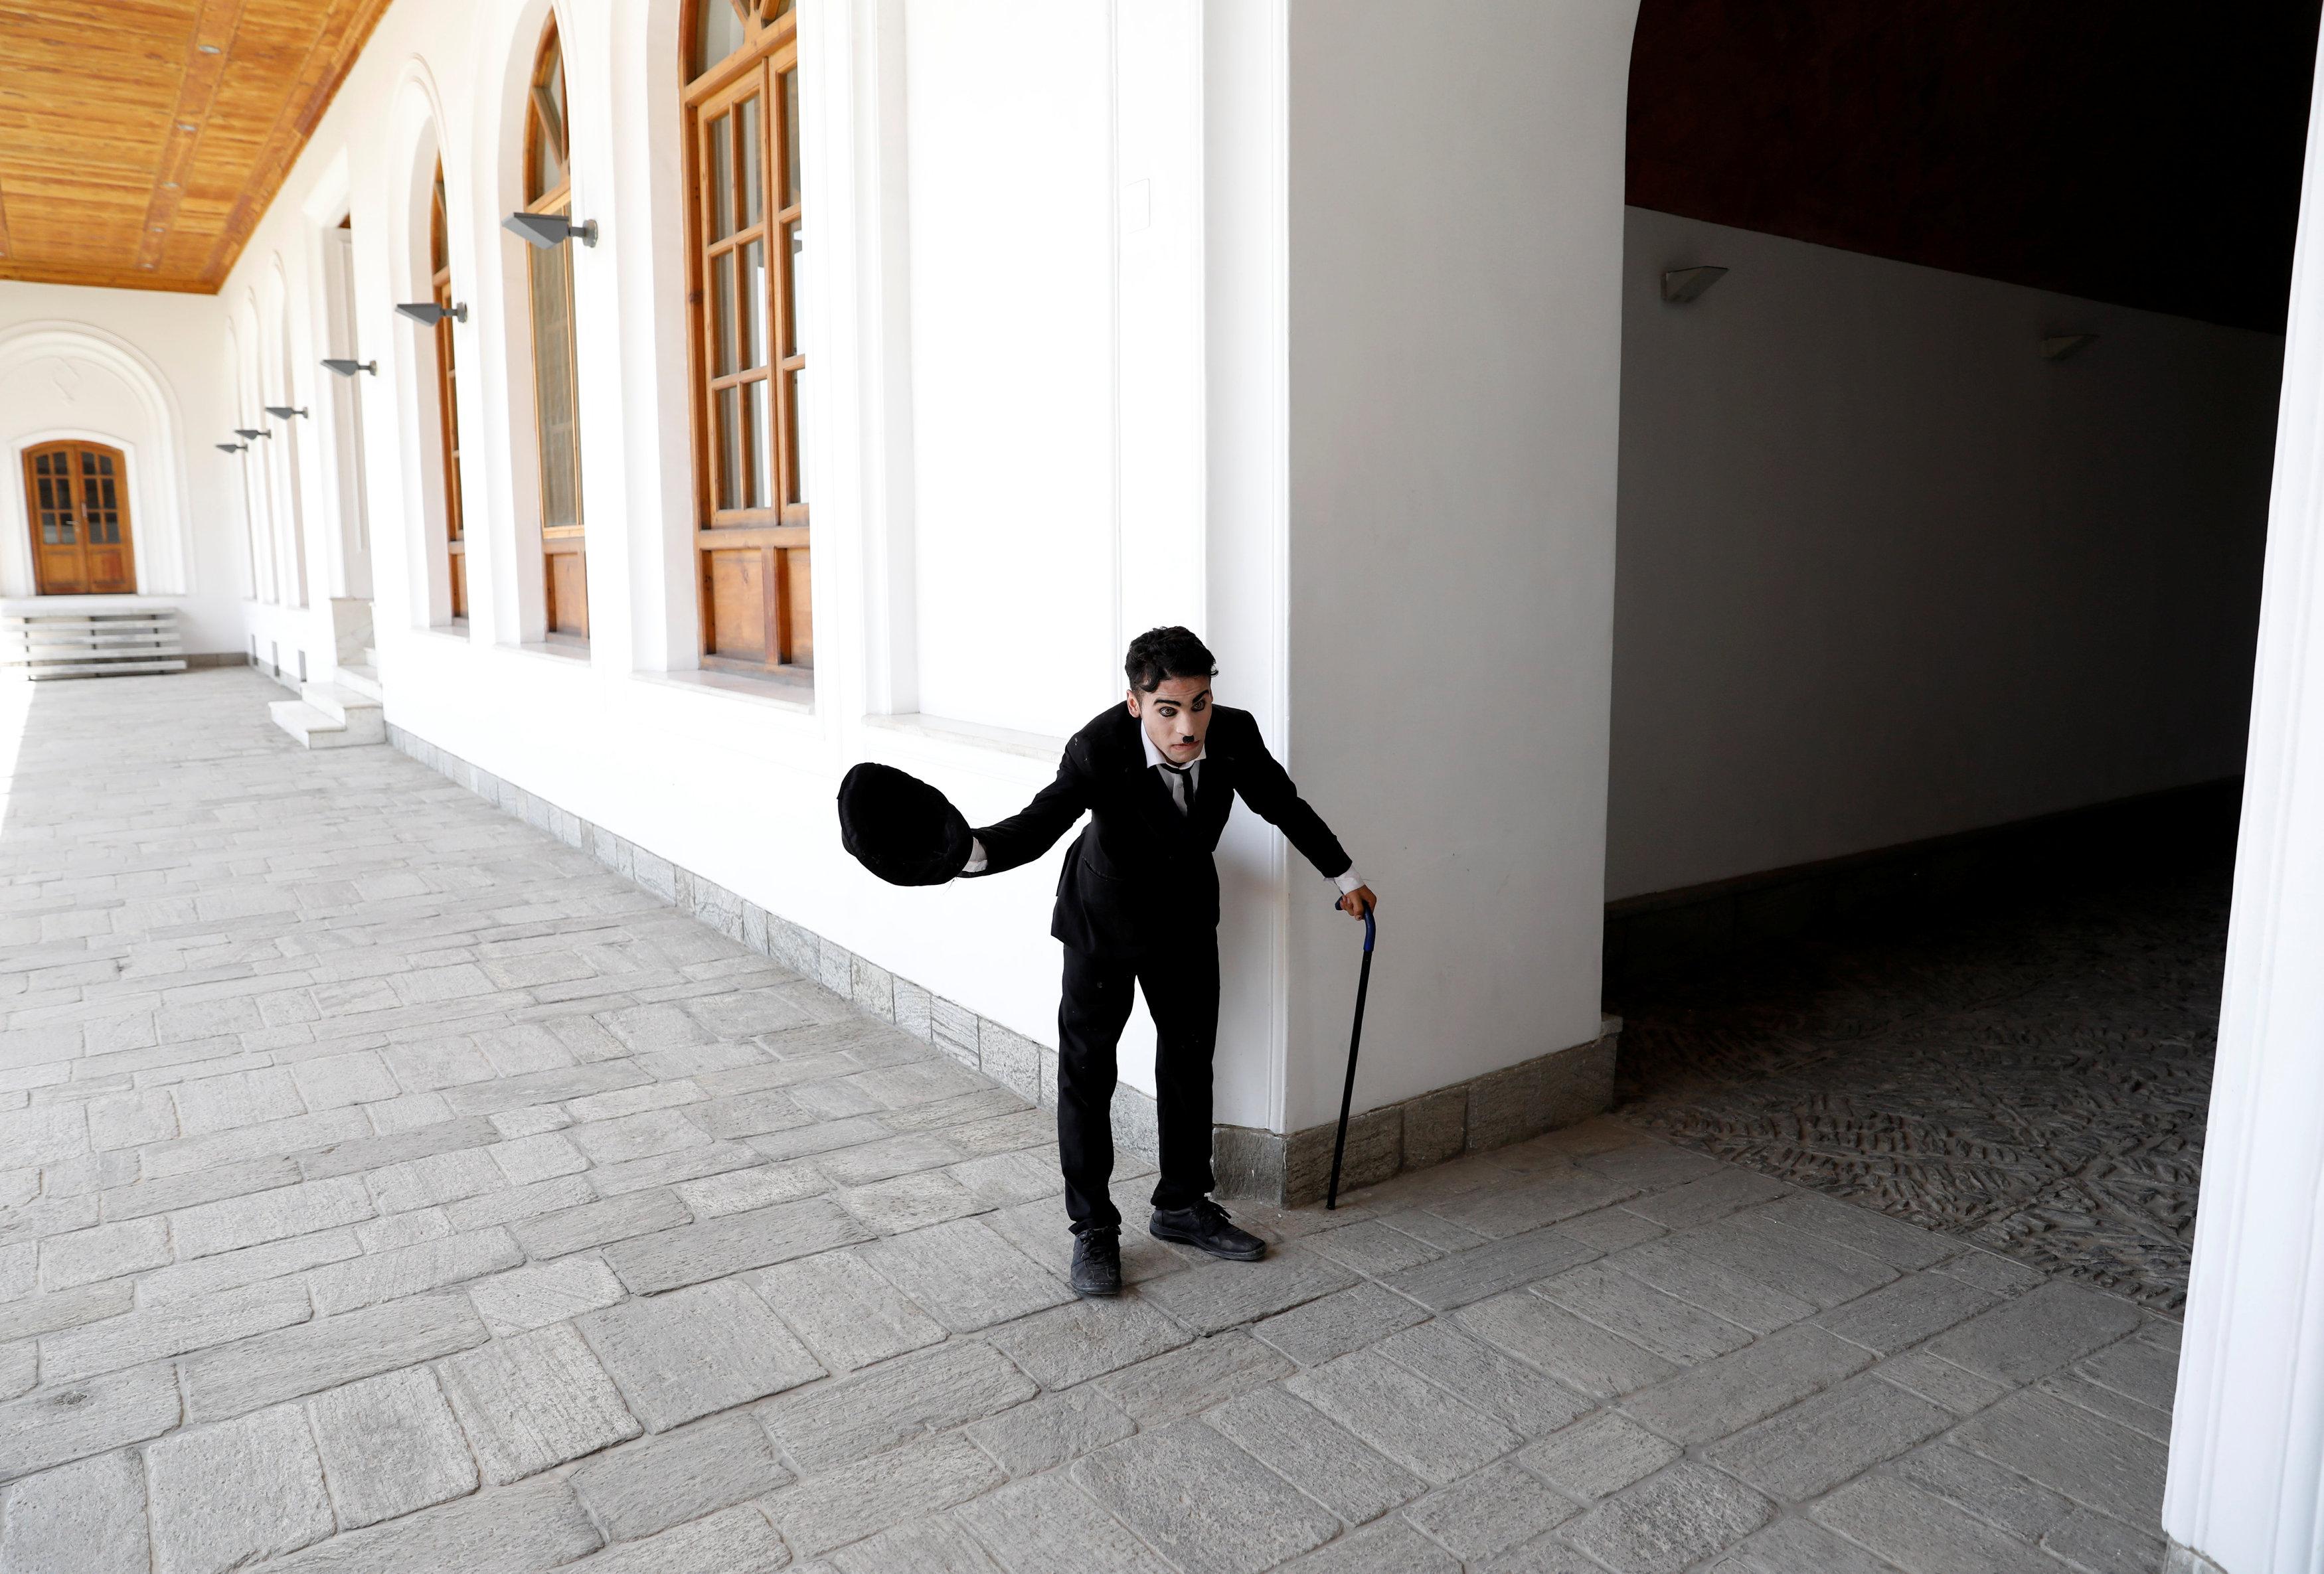 كريم آسر يقدم أحد العروض